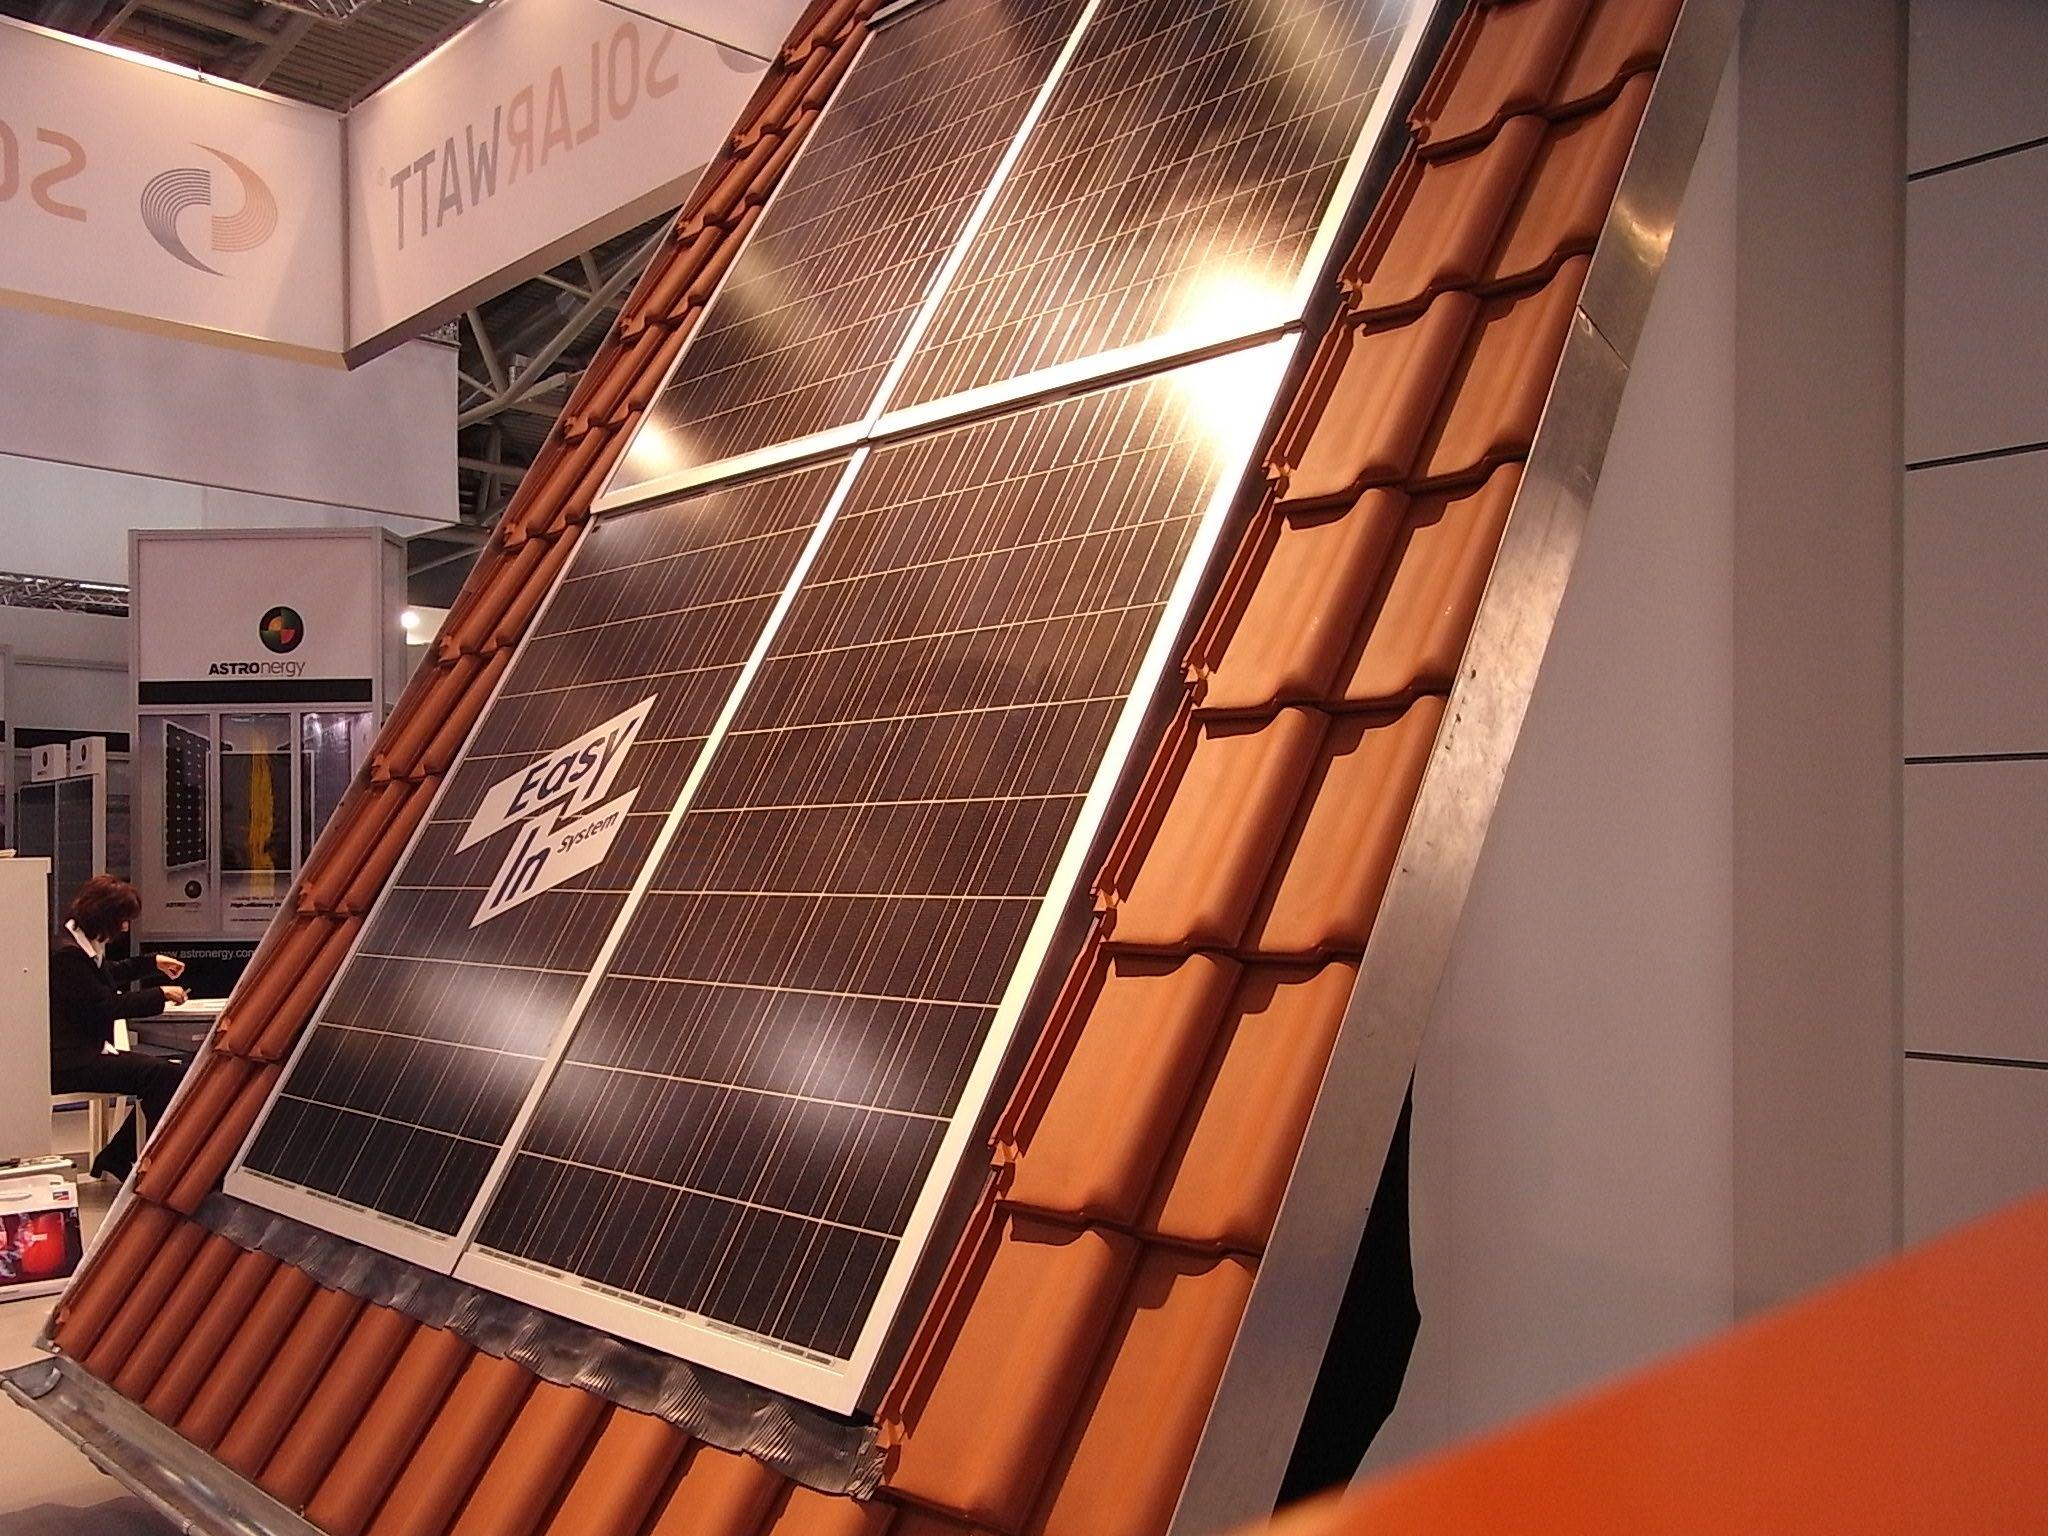 indach oder ganzdach photovoltaik eine frage der planung. Black Bedroom Furniture Sets. Home Design Ideas